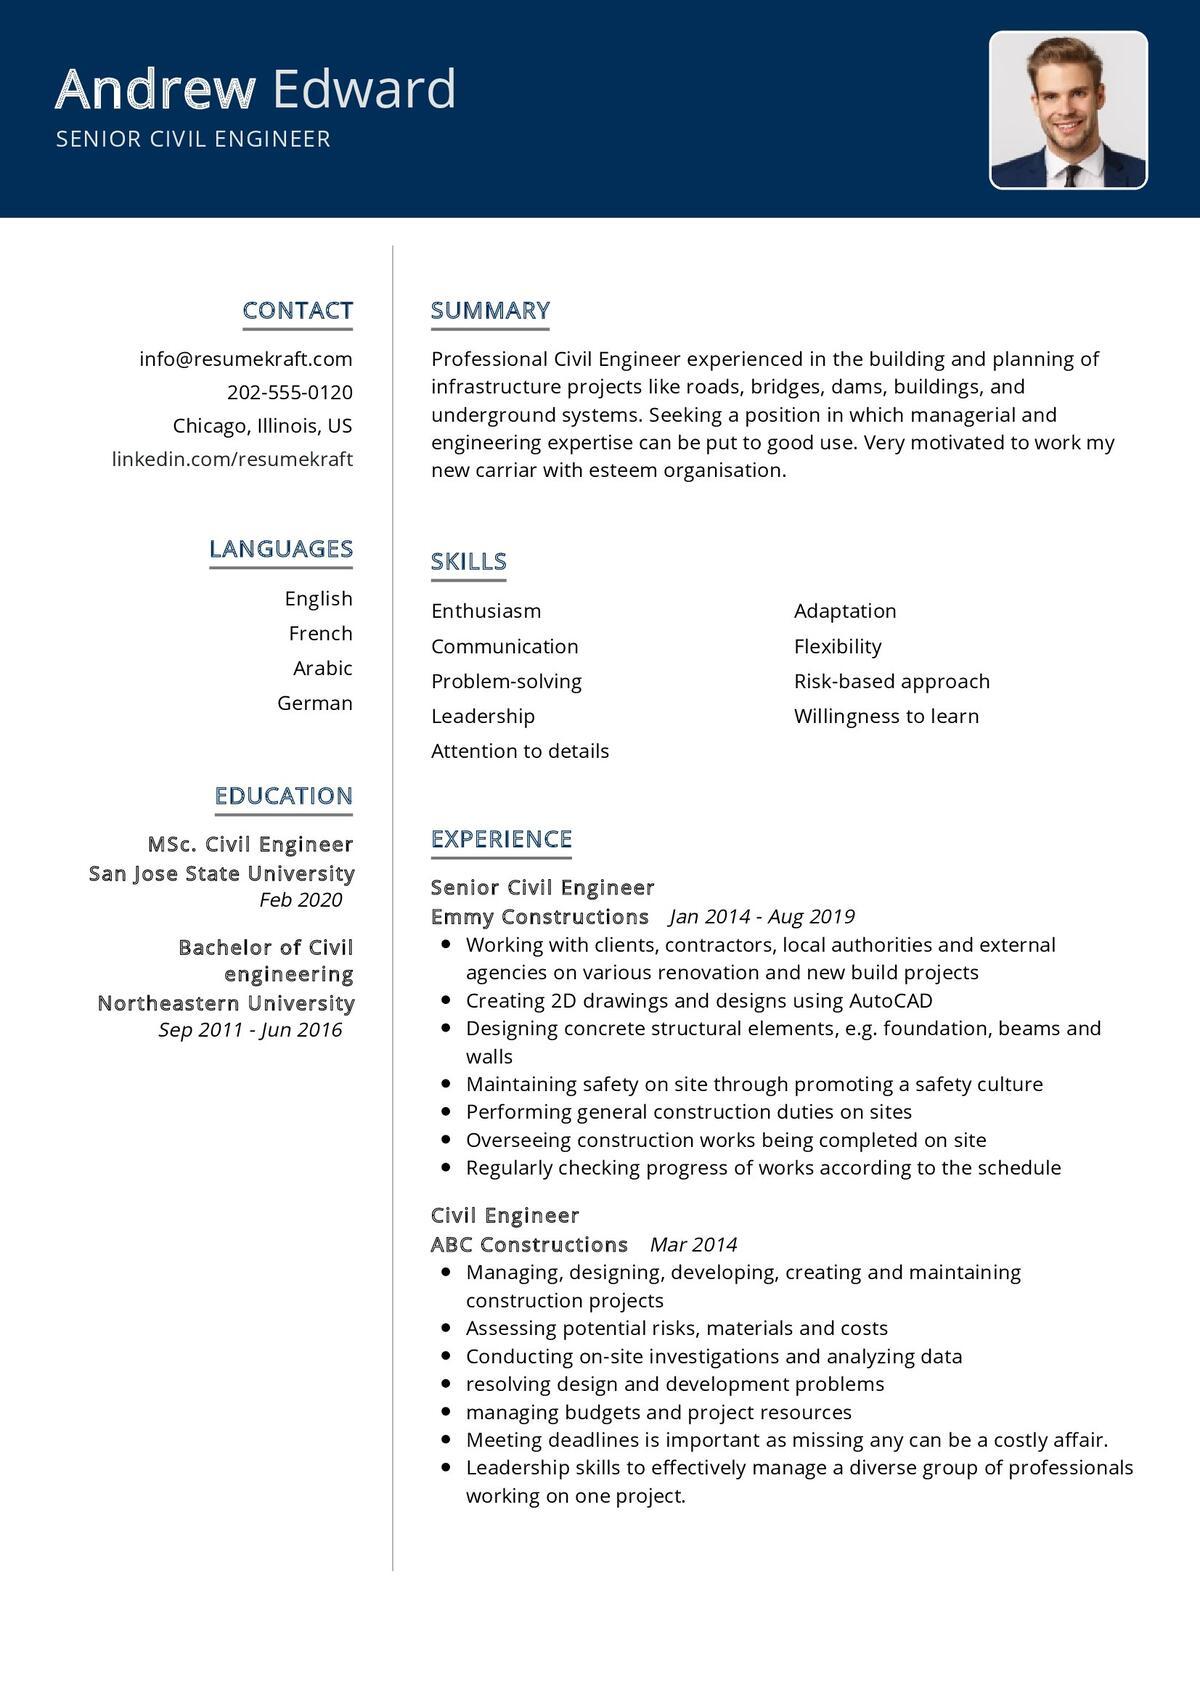 Senior Civil Engineer Resume